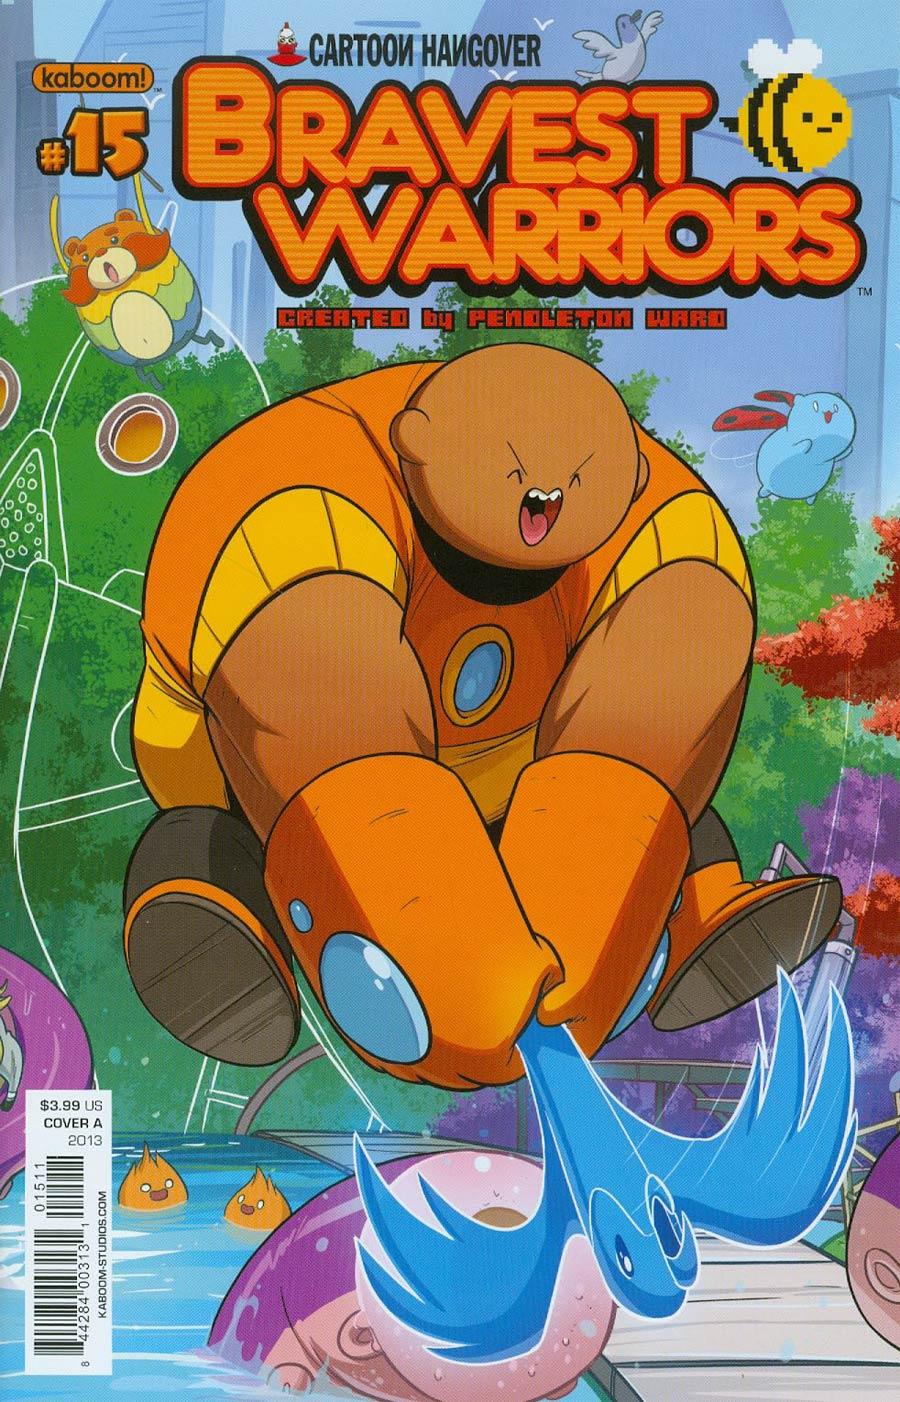 Bravest Warriors #15 Cover A Regular Tyson Hesse Cover